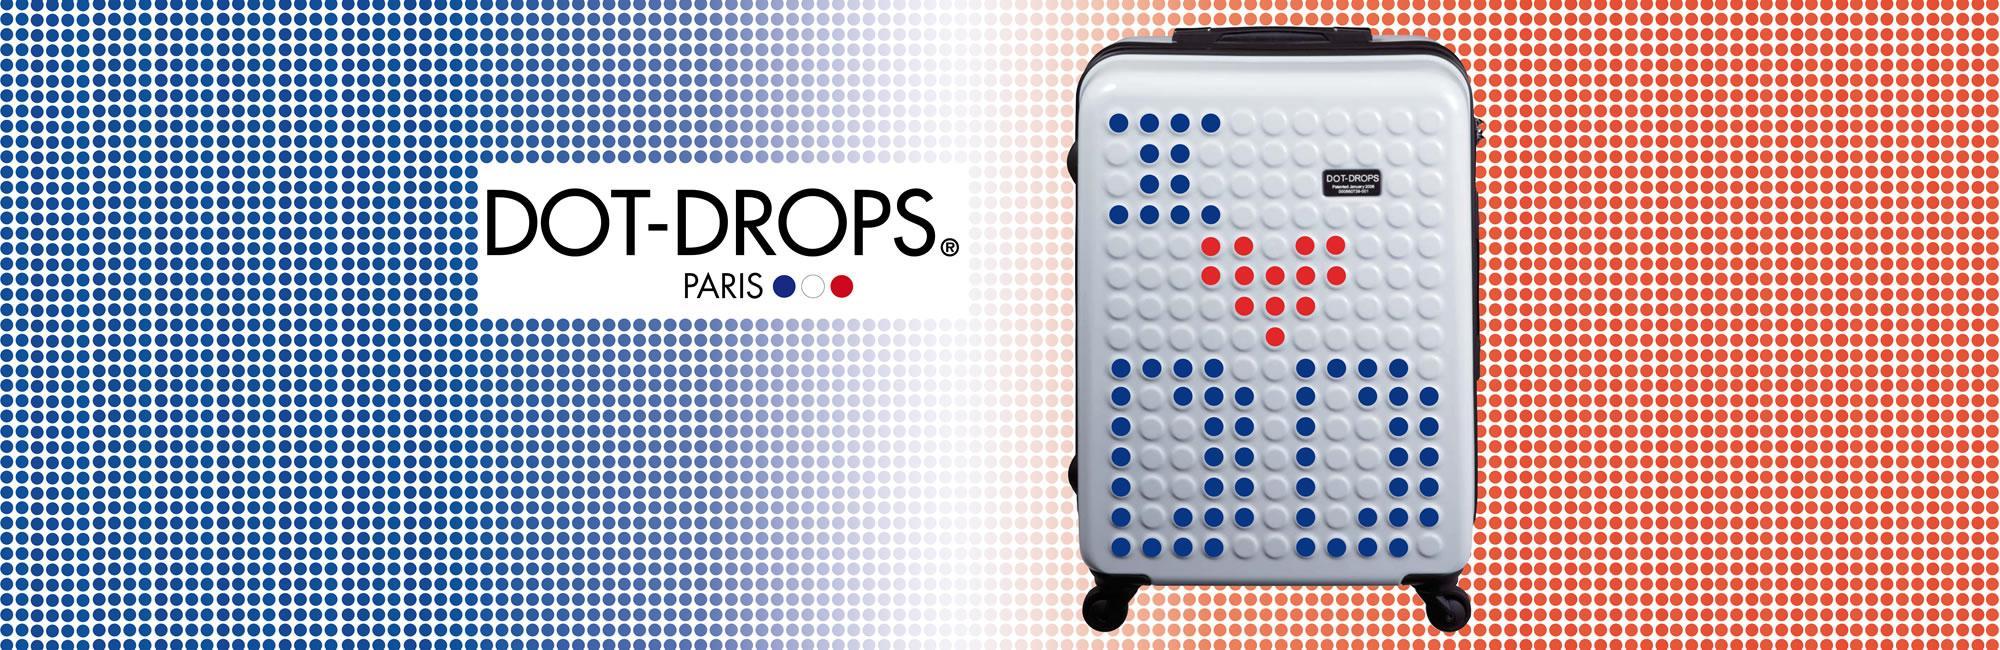 Dot-Drops